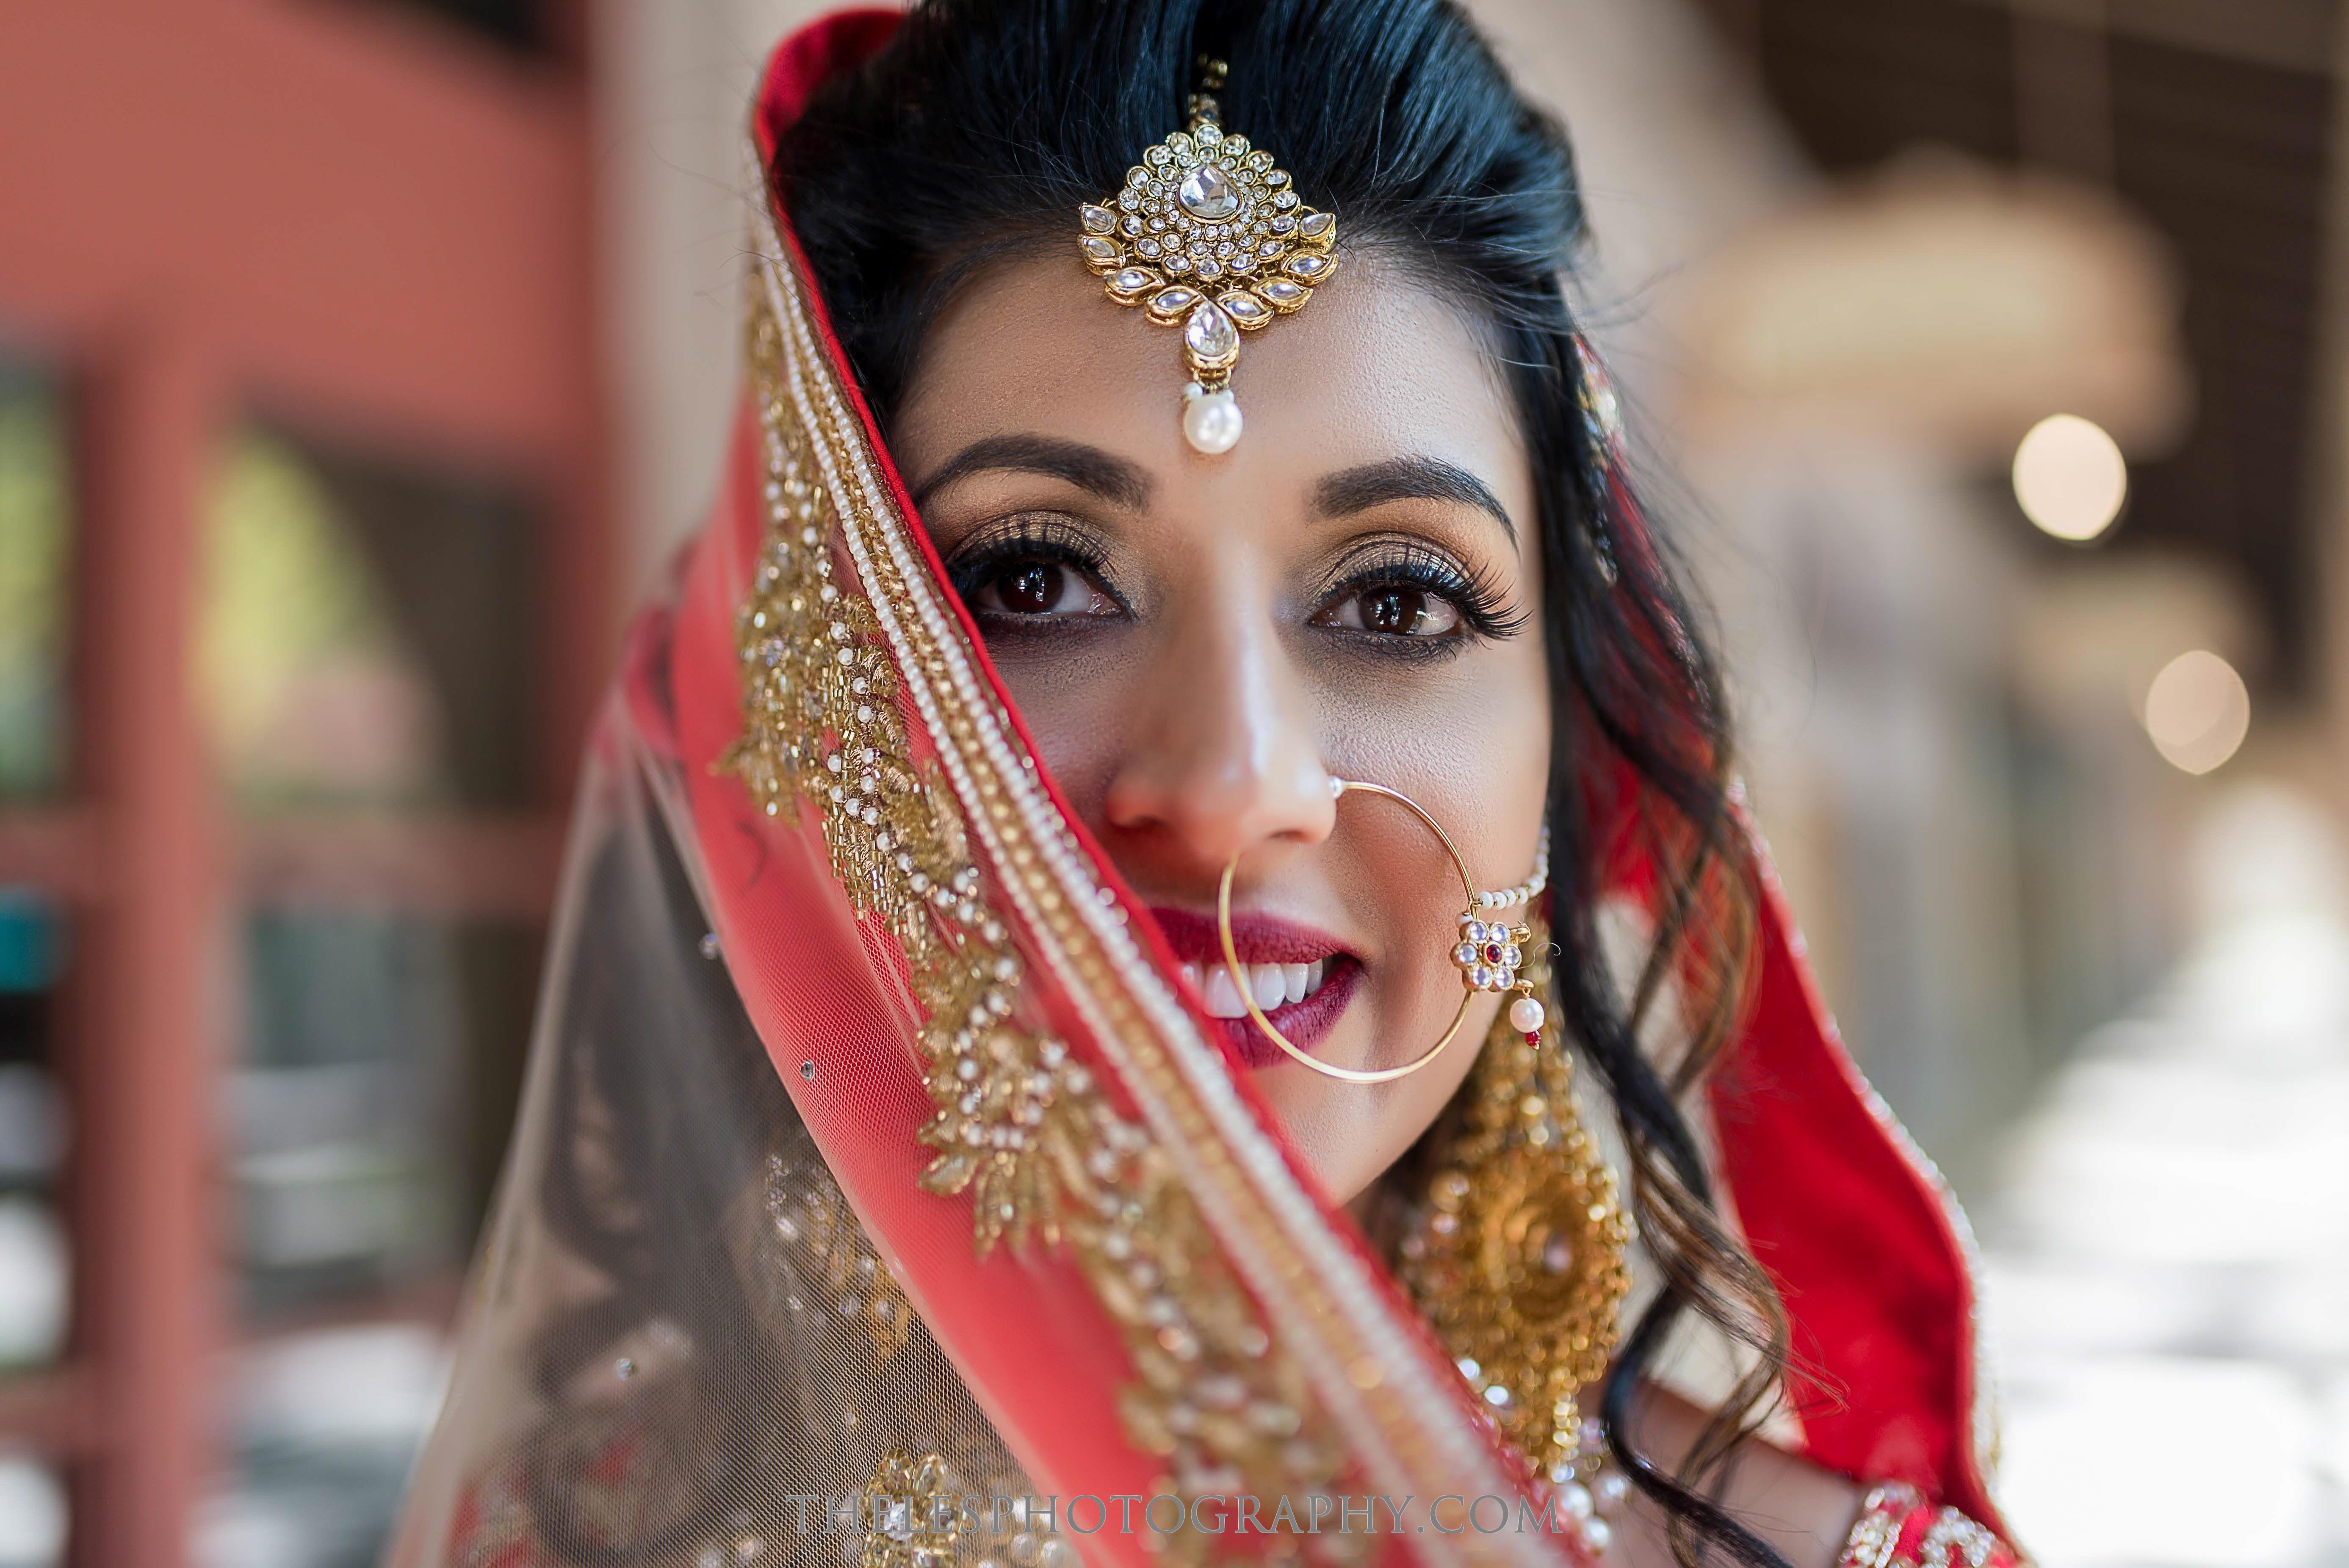 The Les Photography - Punjabi Wedding - Sikh Indian Wedding - Dallas Wedding Photographer 49